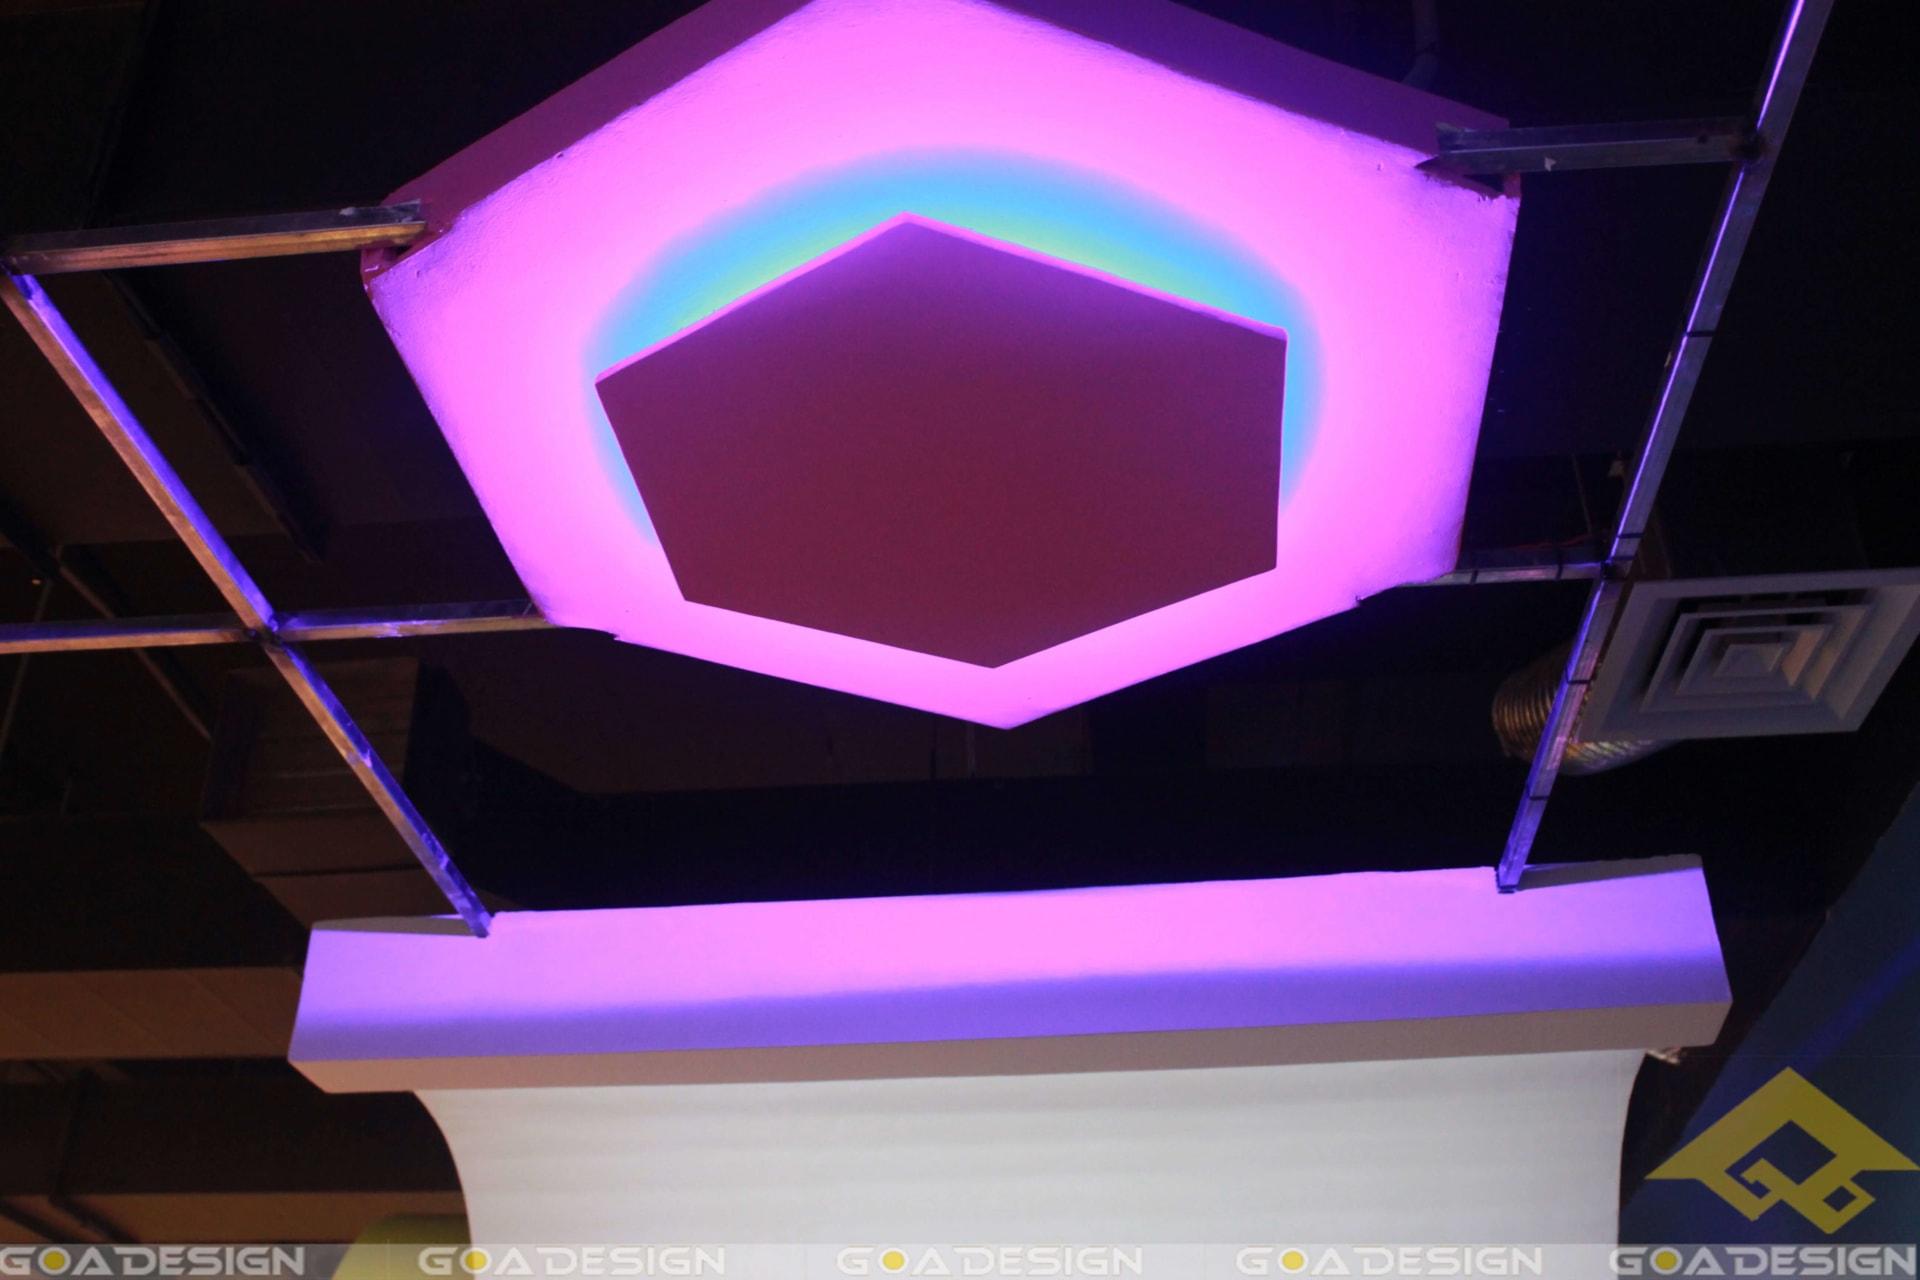 GOADESIGN Thiết kế khu vui chơi Kidzone Vũng Tàu (7)